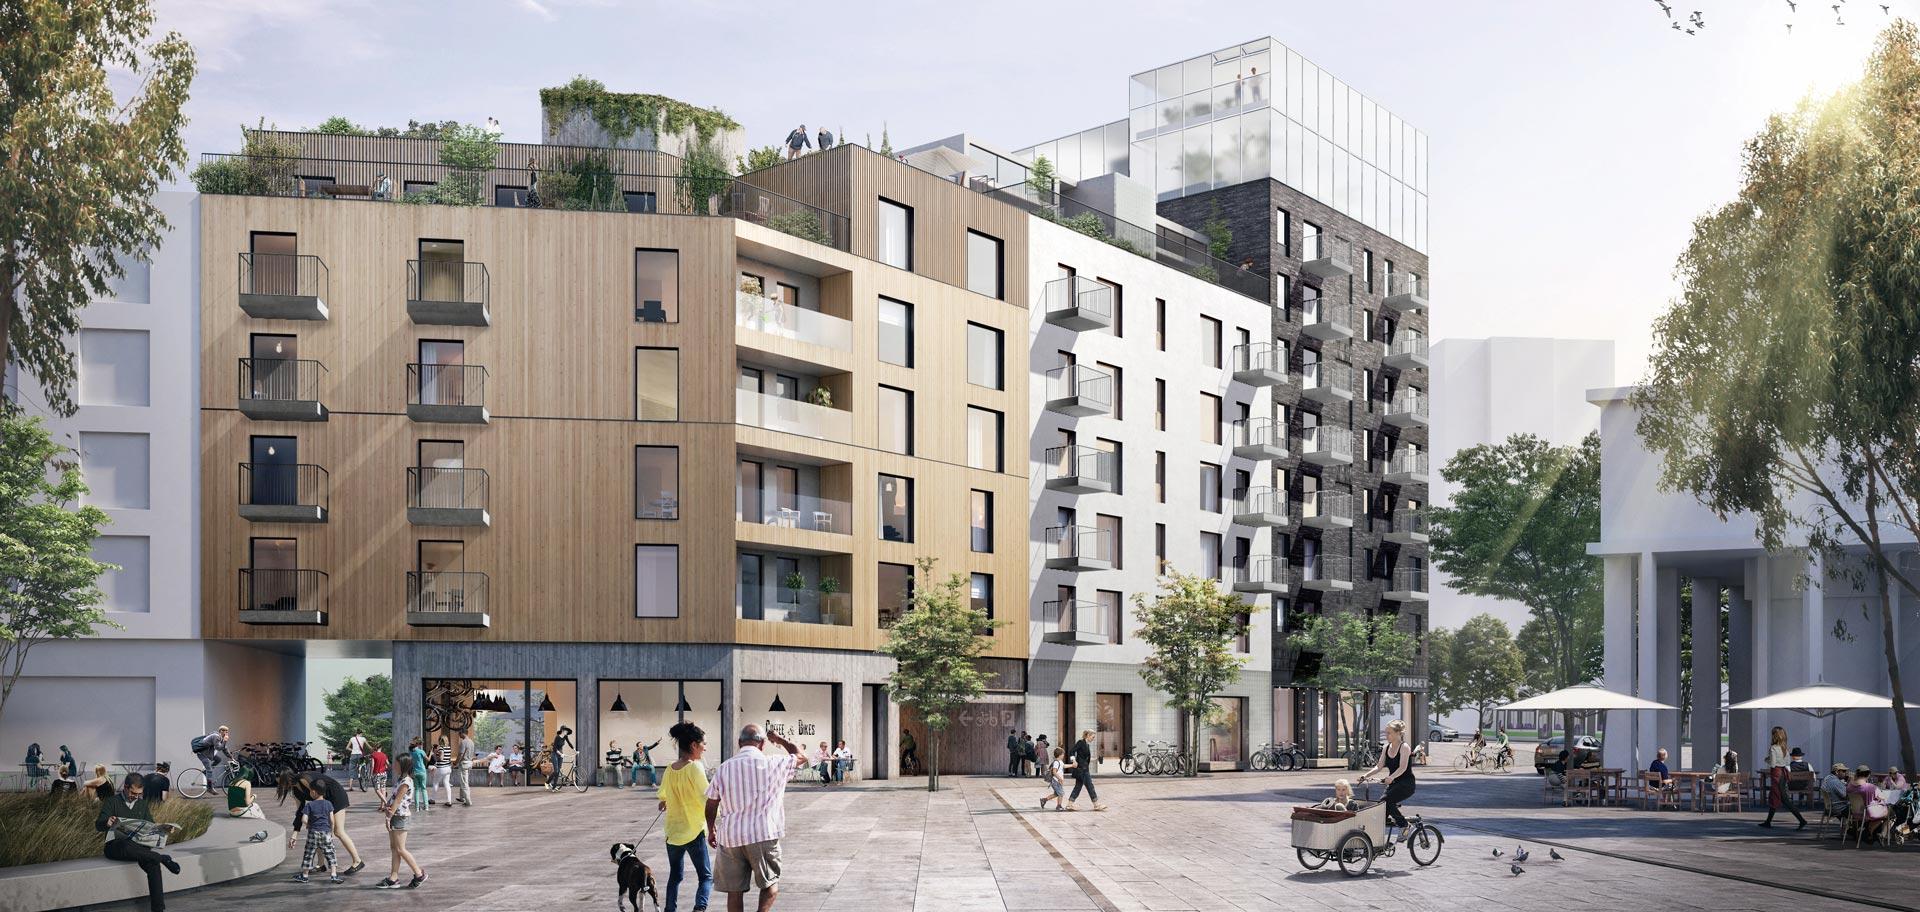 Södra Värtan - Stockholm